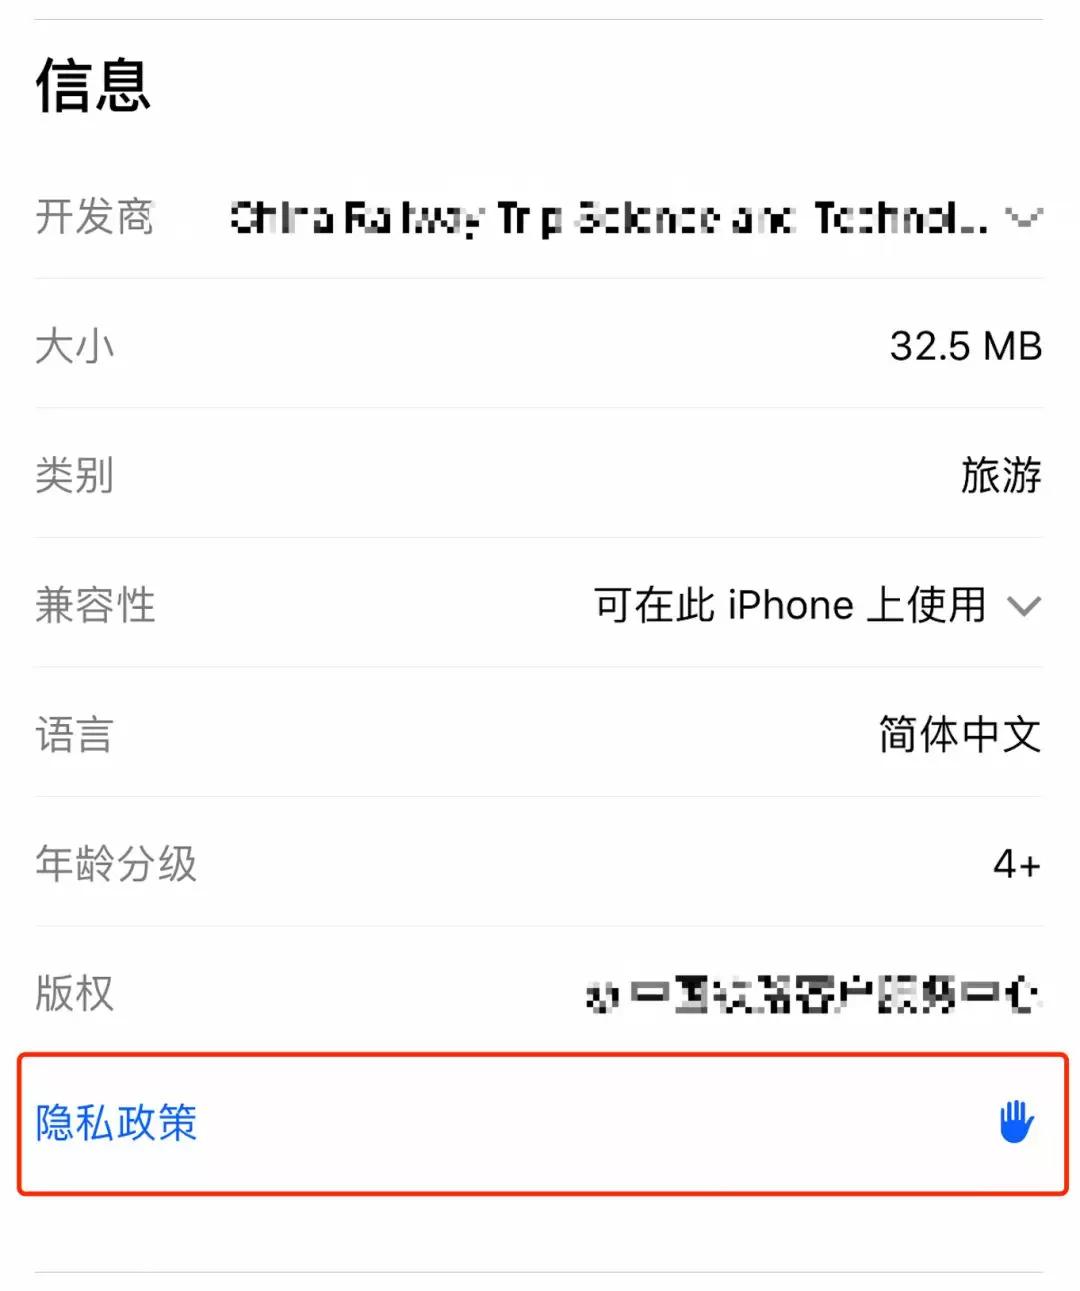 包括12306在内的各大App,一直把用户蒙在鼓里?